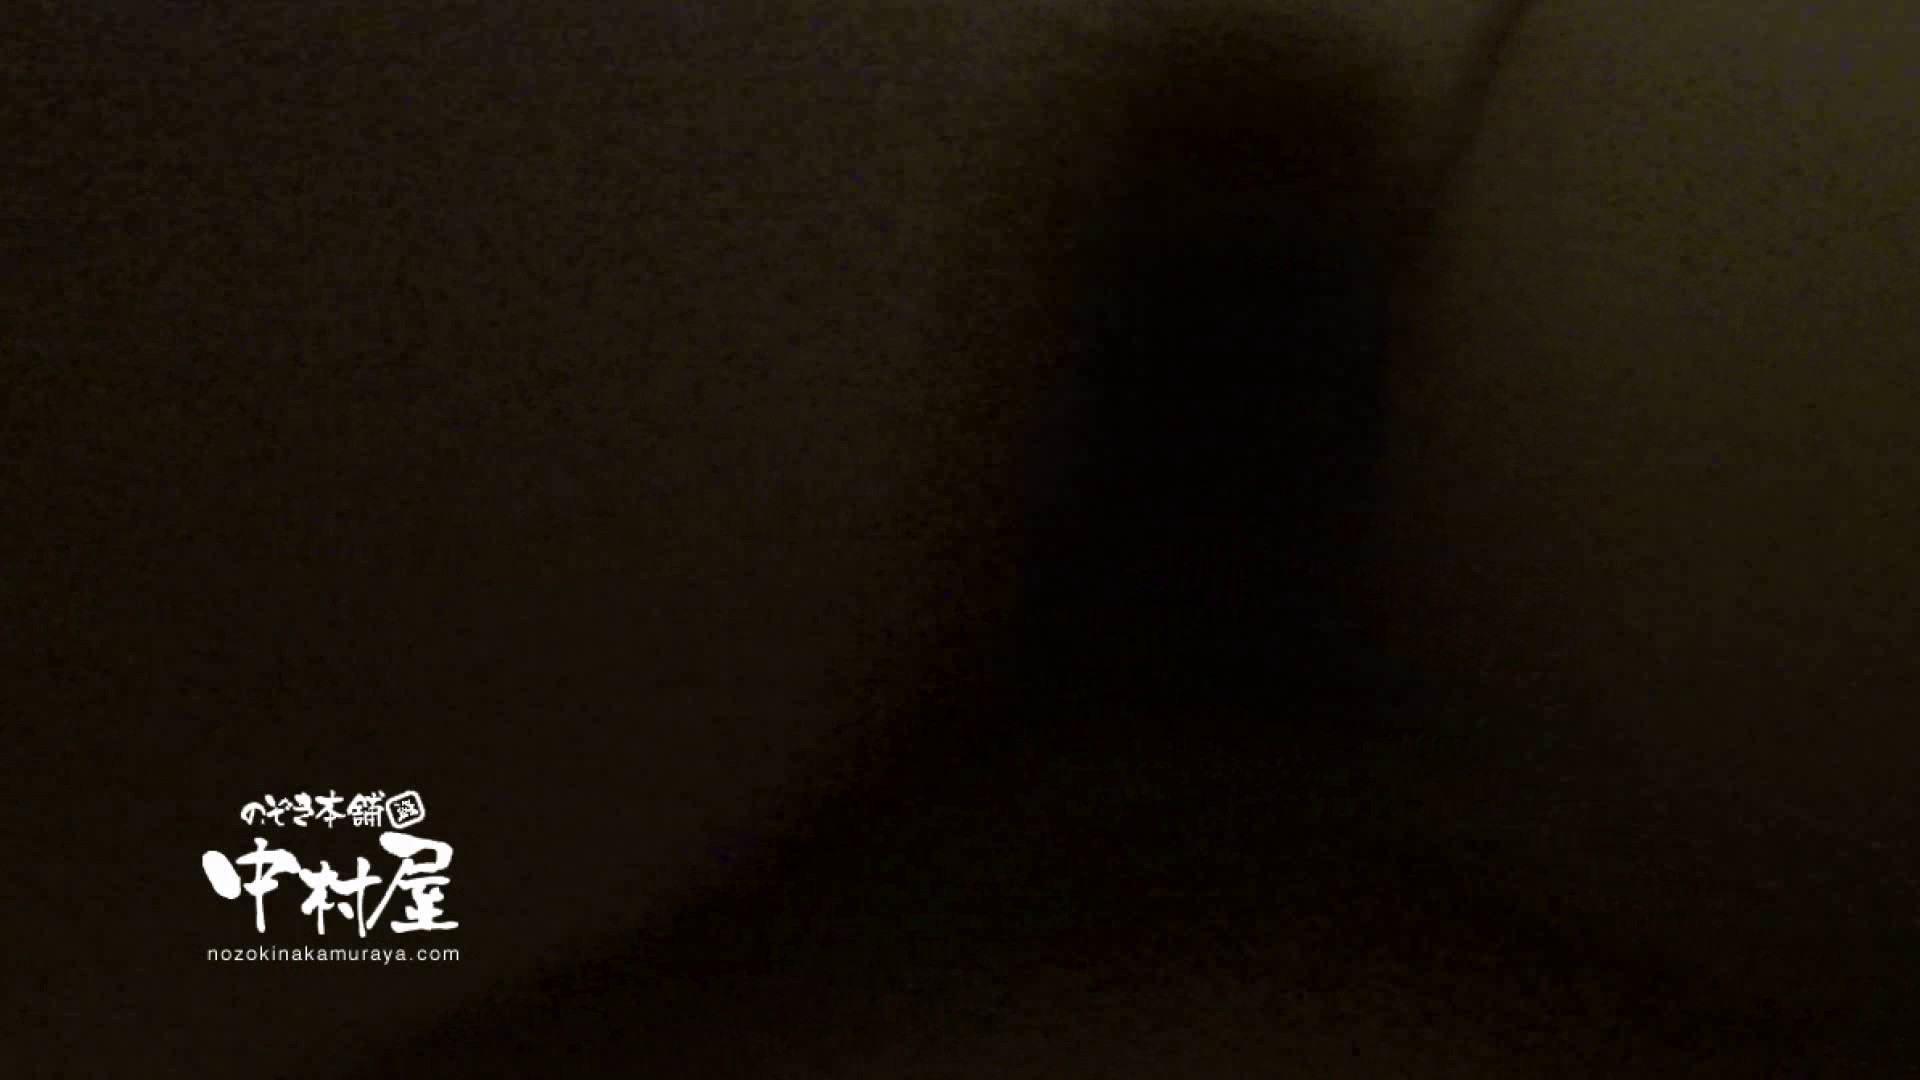 鬼畜 vol.08 極悪!妊娠覚悟の中出し! 後編 鬼畜 のぞき動画キャプチャ 98pic 89